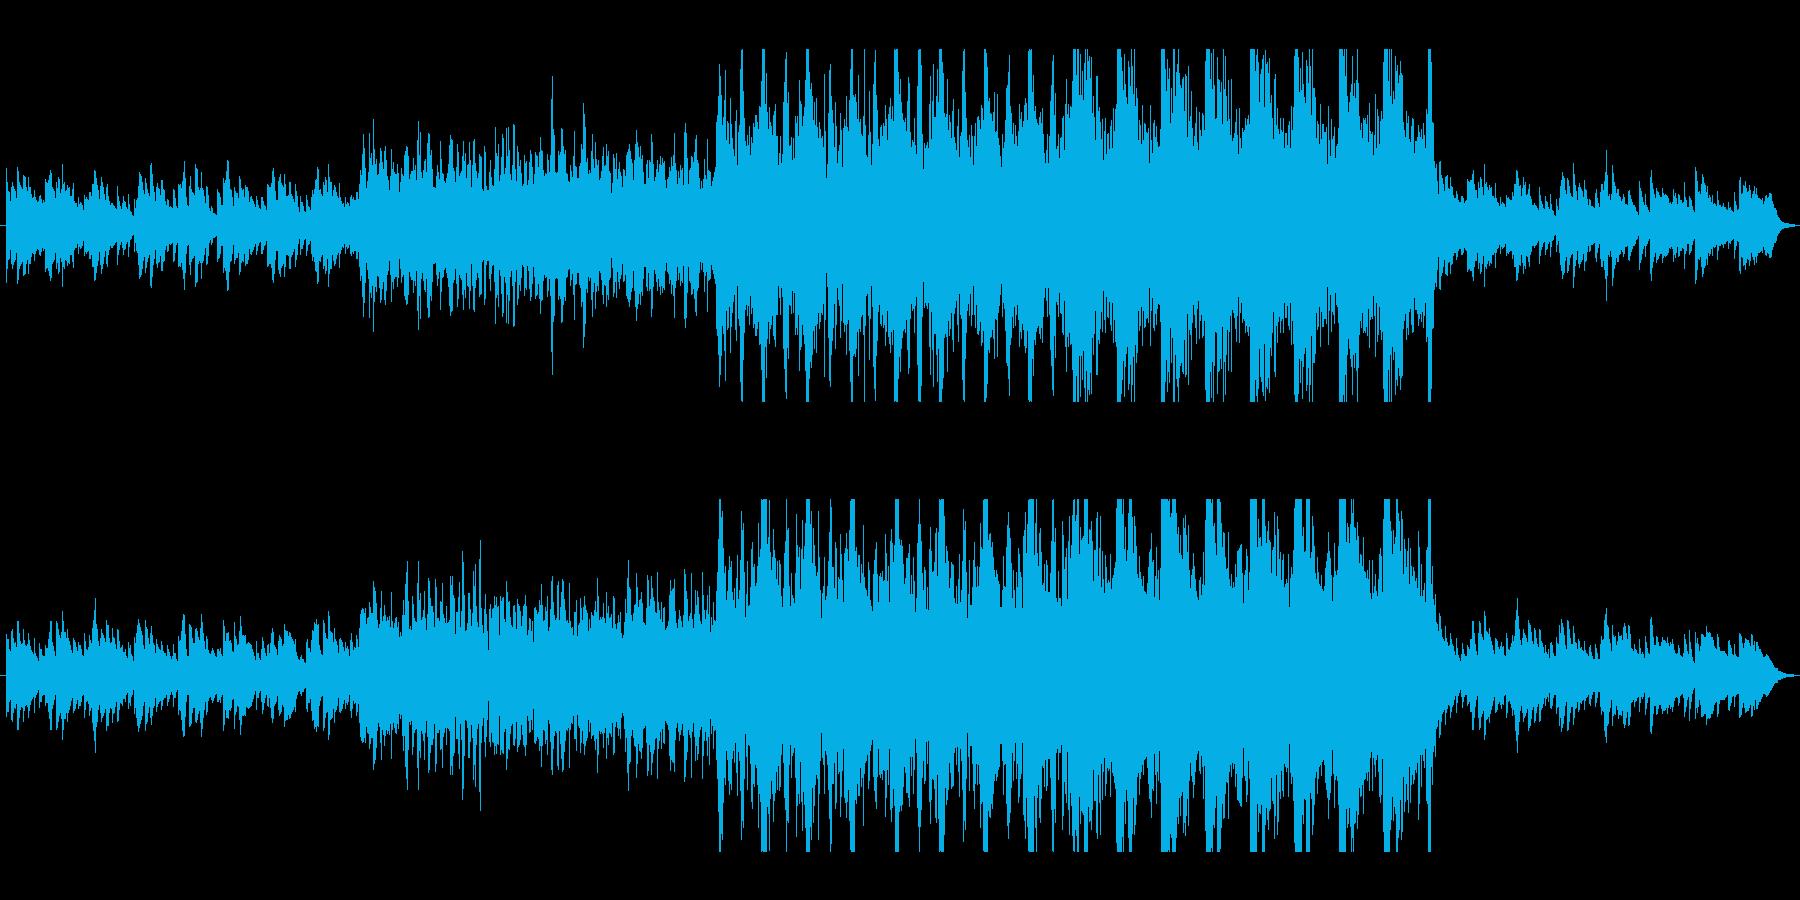 物語のオープニングに最適なBGMの再生済みの波形